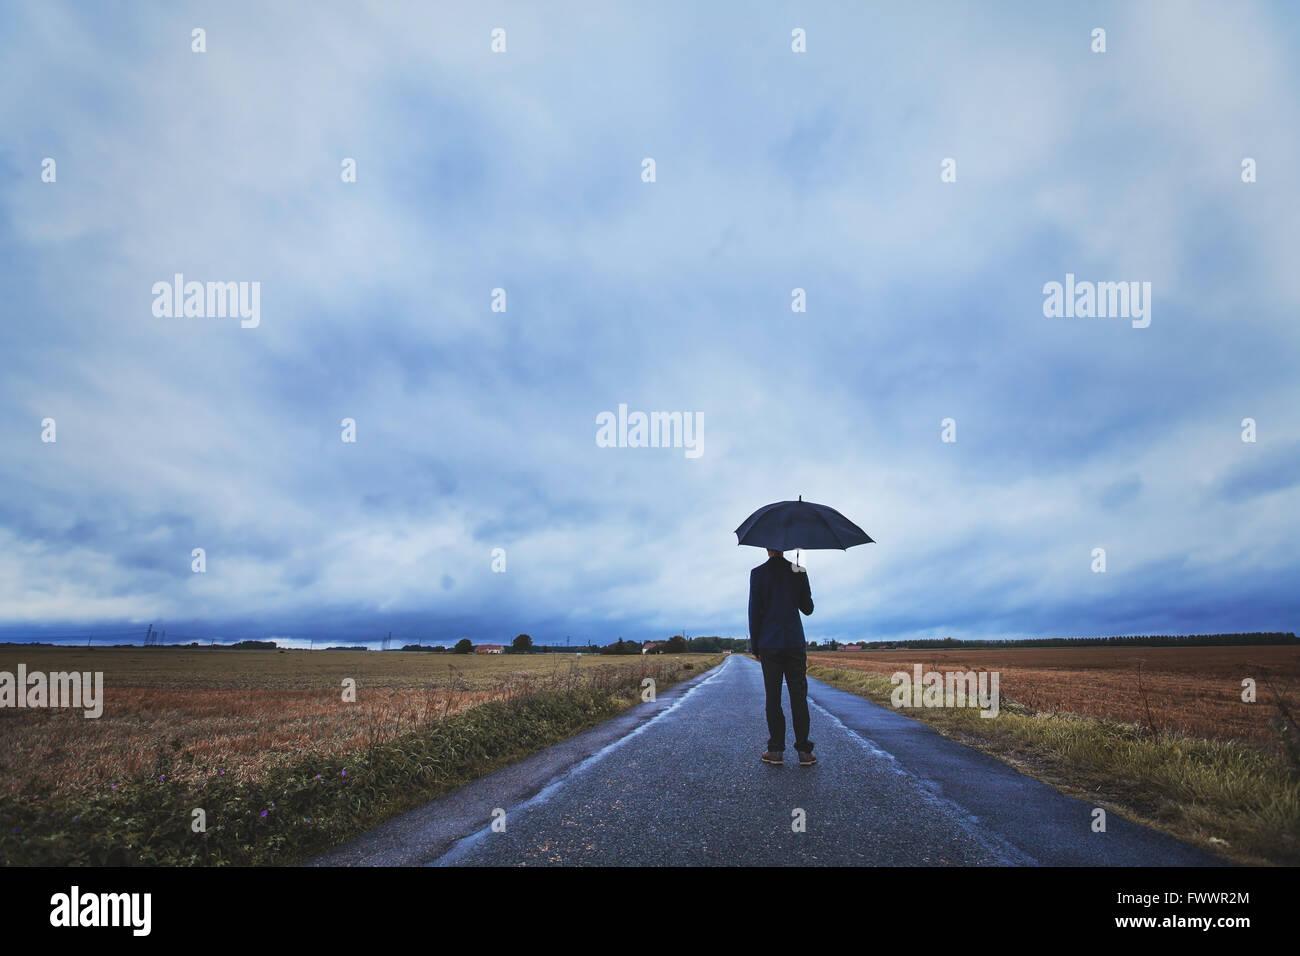 Concepto de psicología, el hombre con sombrilla de pie en el camino, los temores y la soledad Imagen De Stock